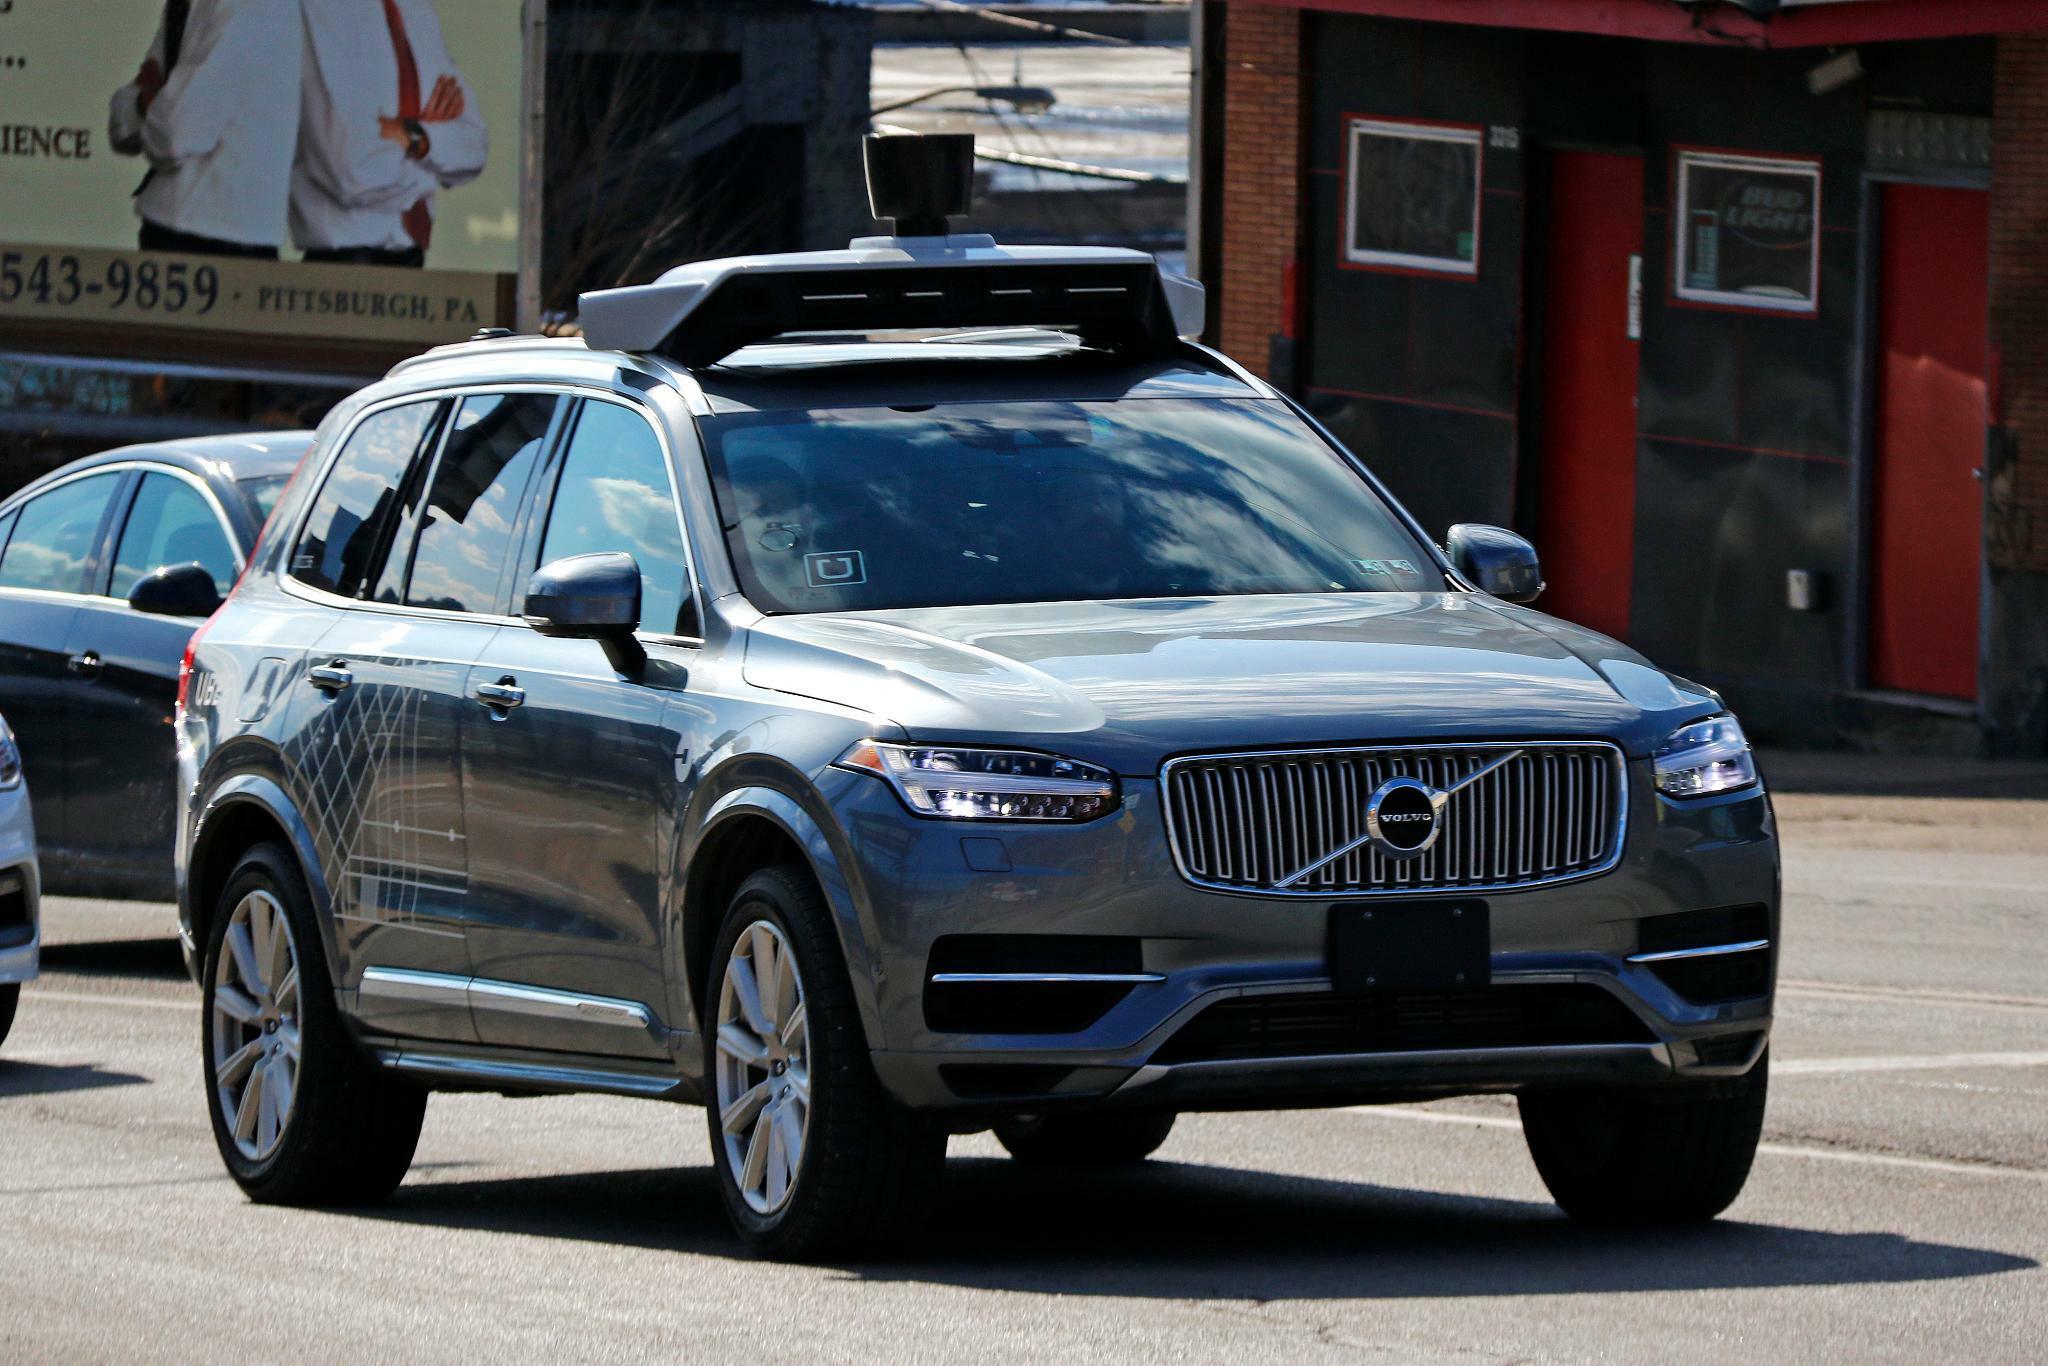 Autonomes Fahren: Tödlicher Uber-Crash könnte zu strengeren Regeln für Roboterautos führen